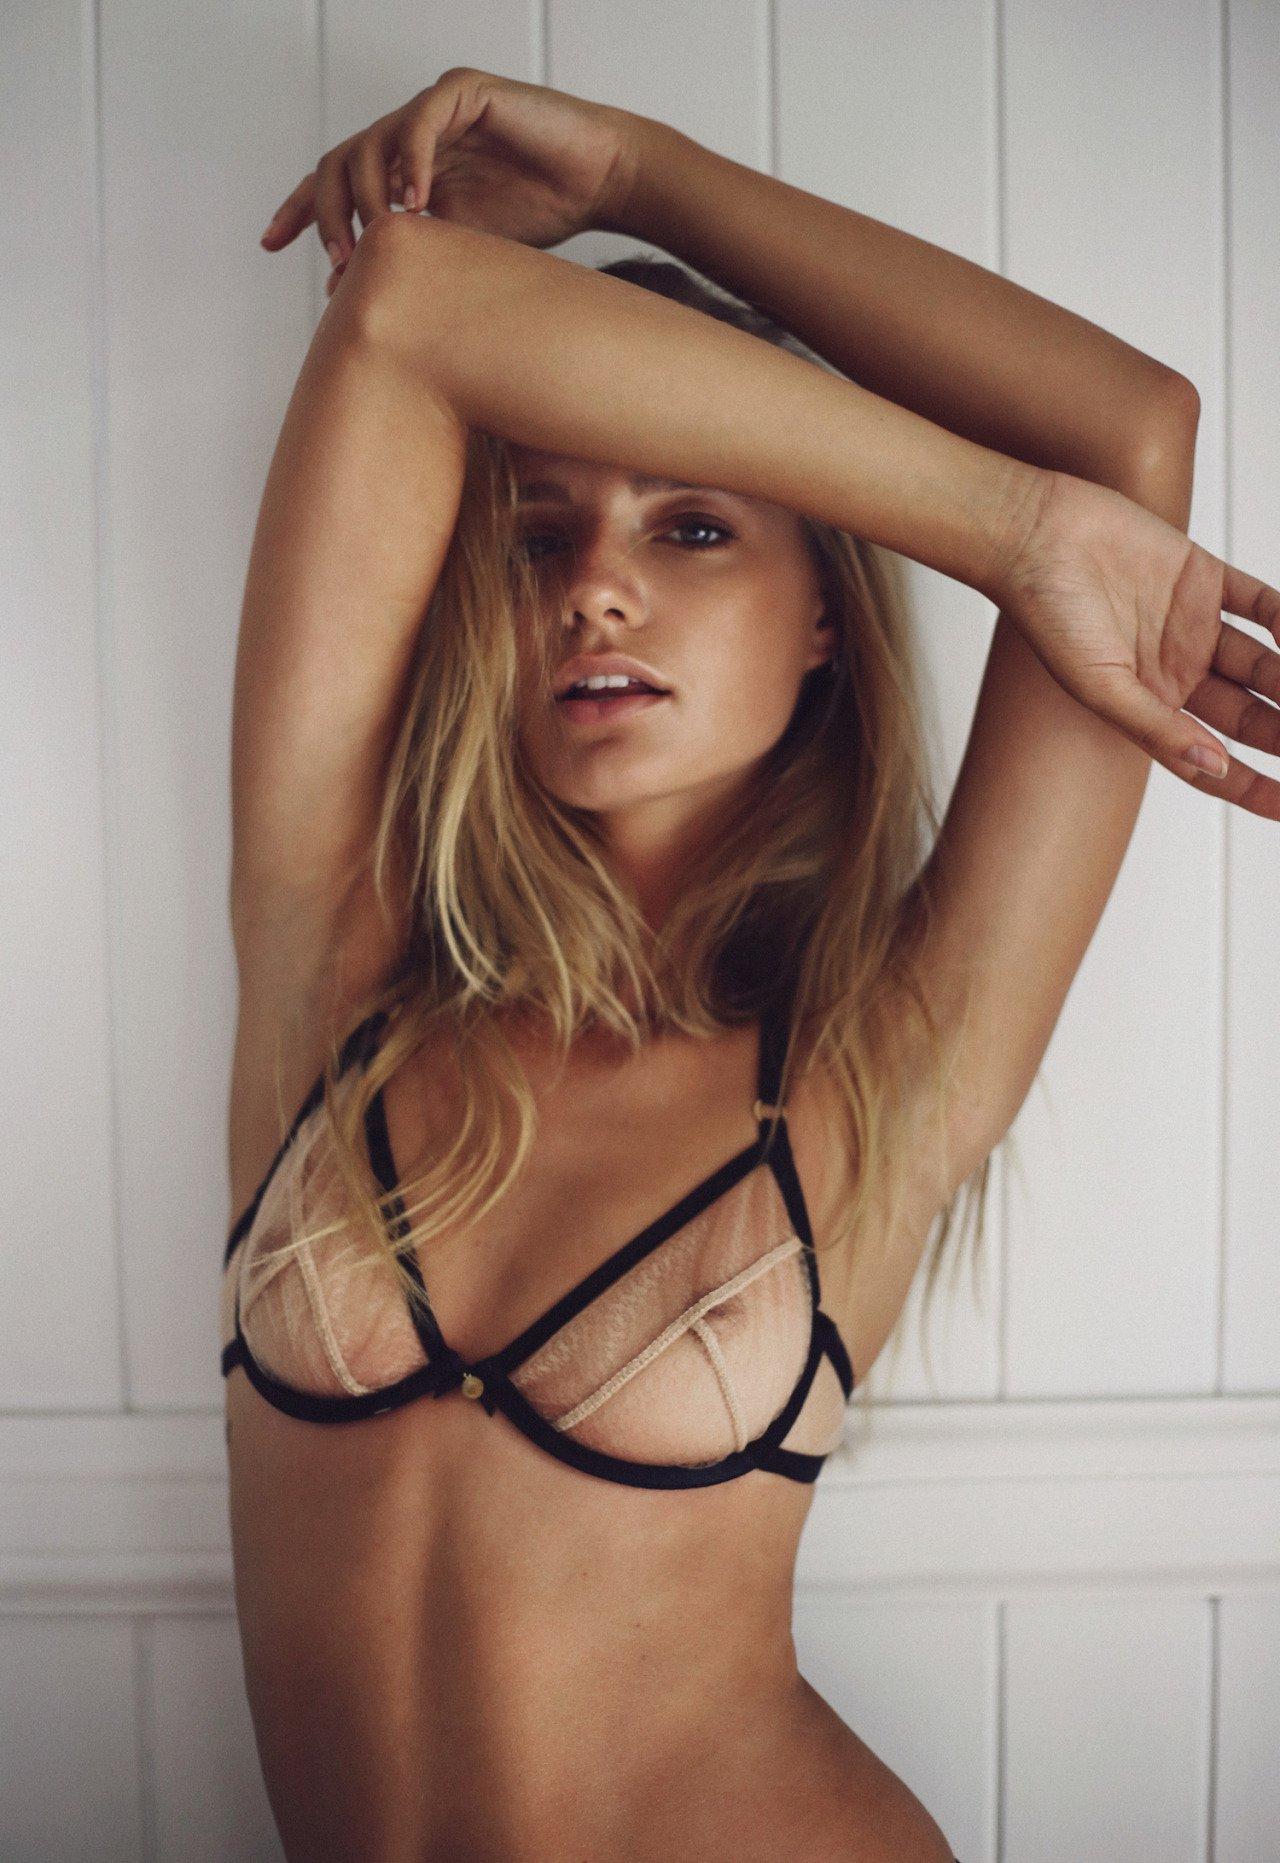 amanda seyfried naked leaked photos